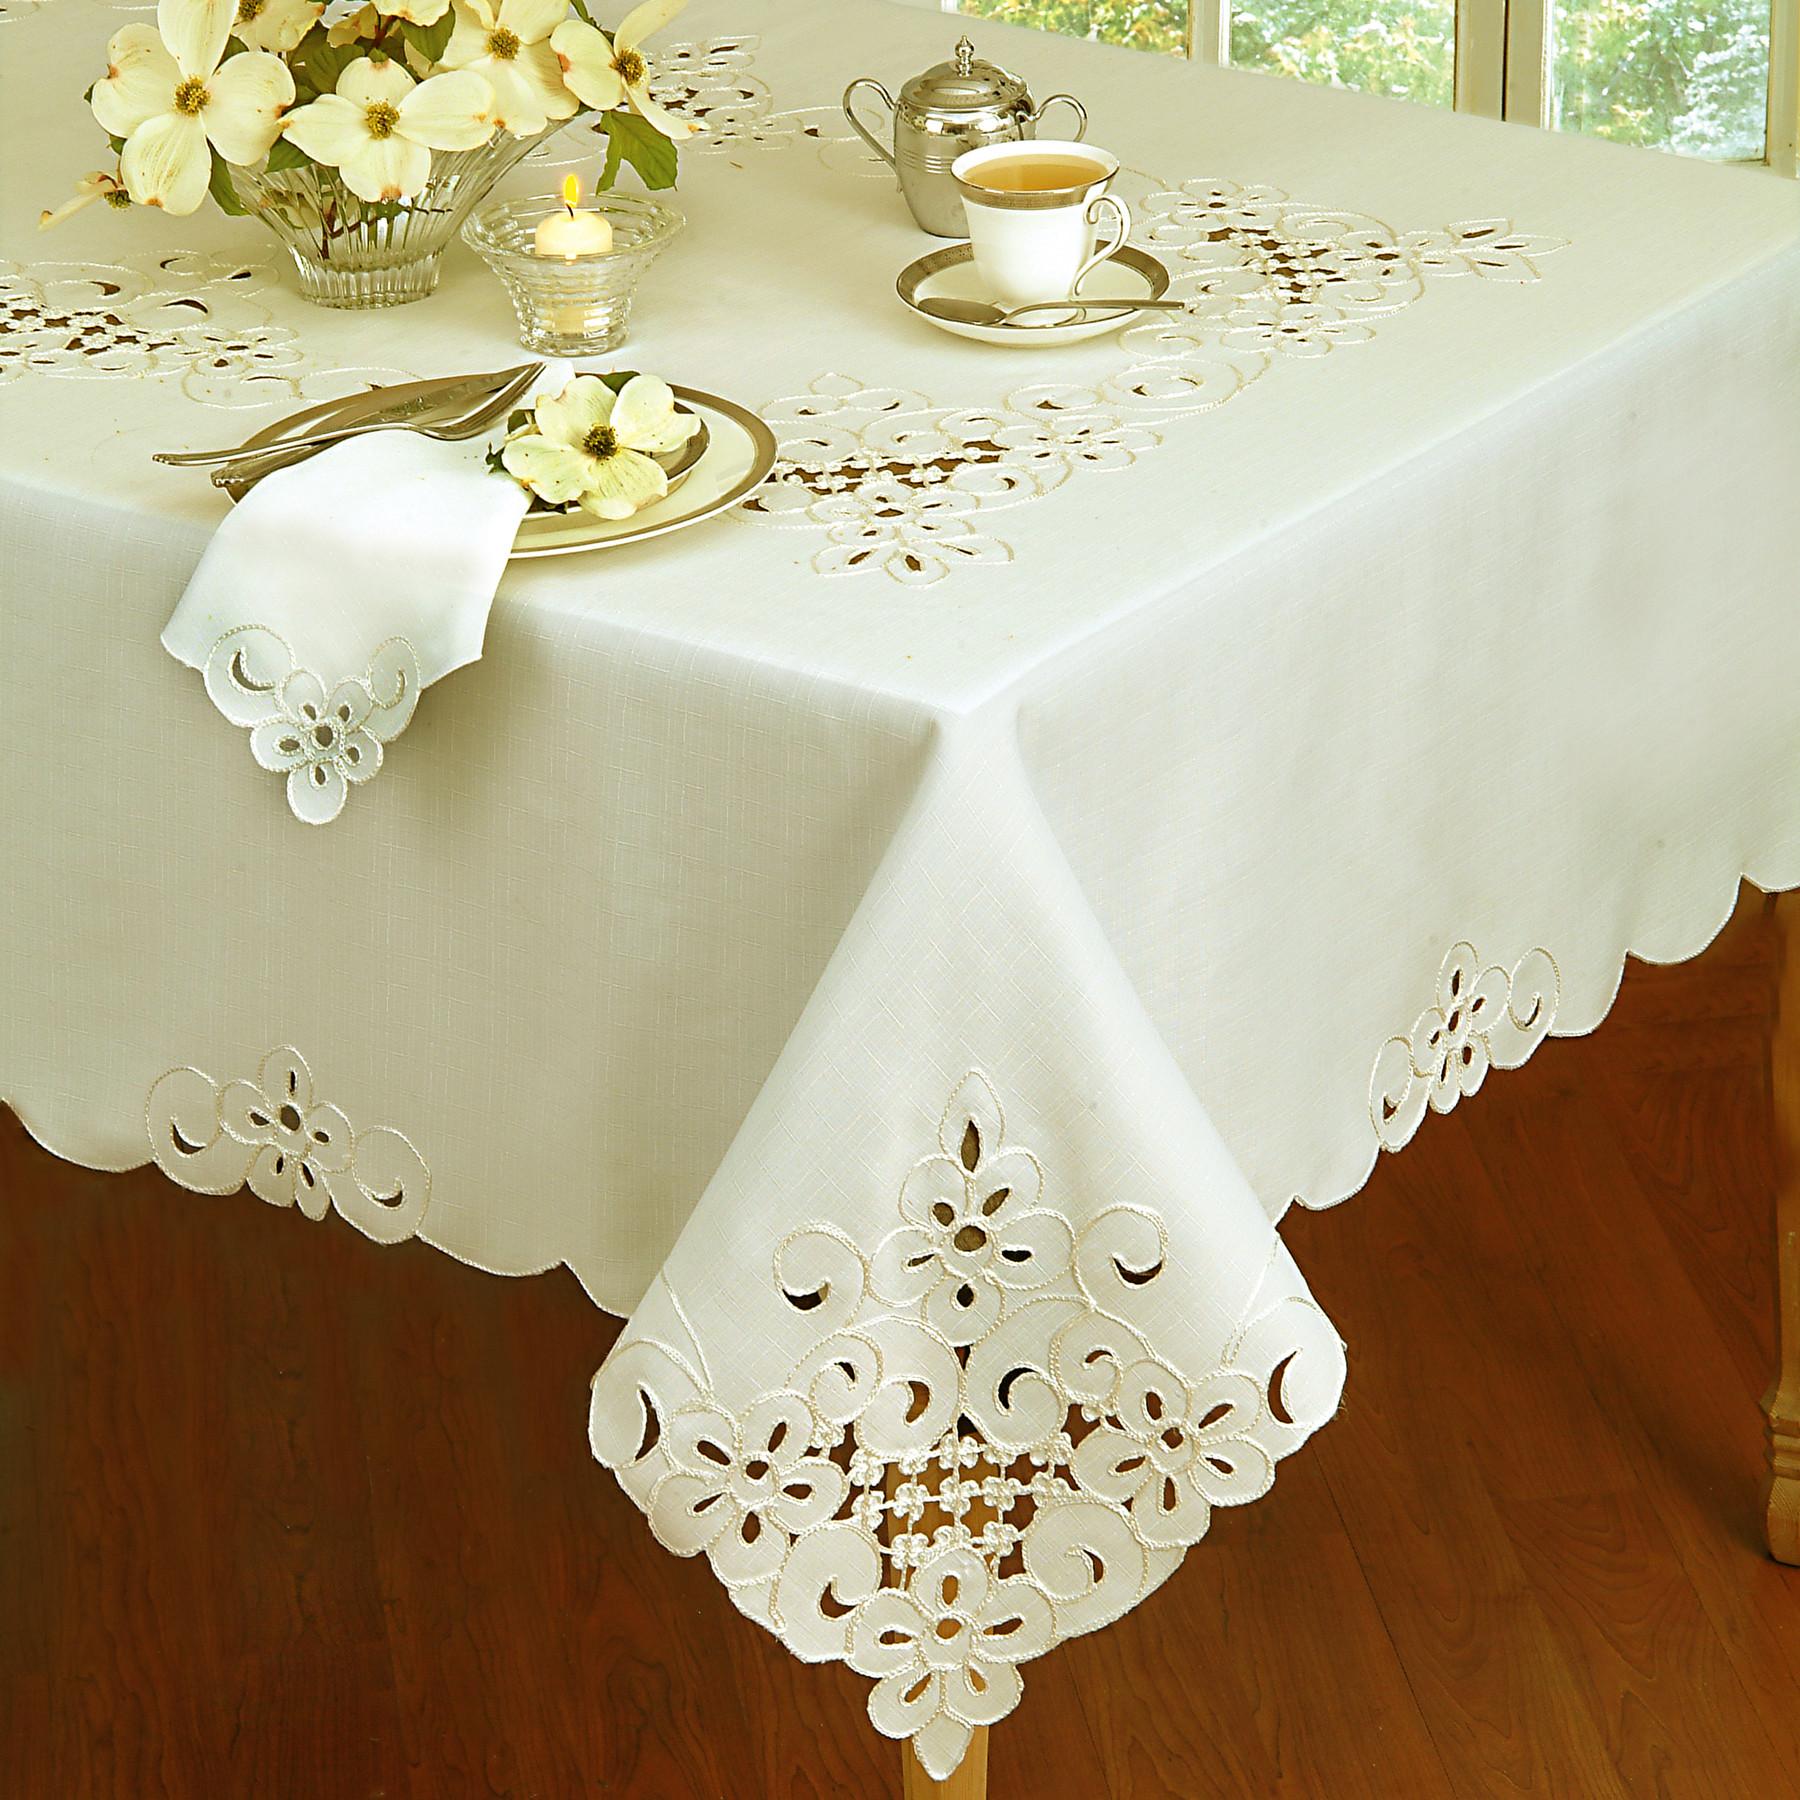 wayfair-home-decor-tablecloth